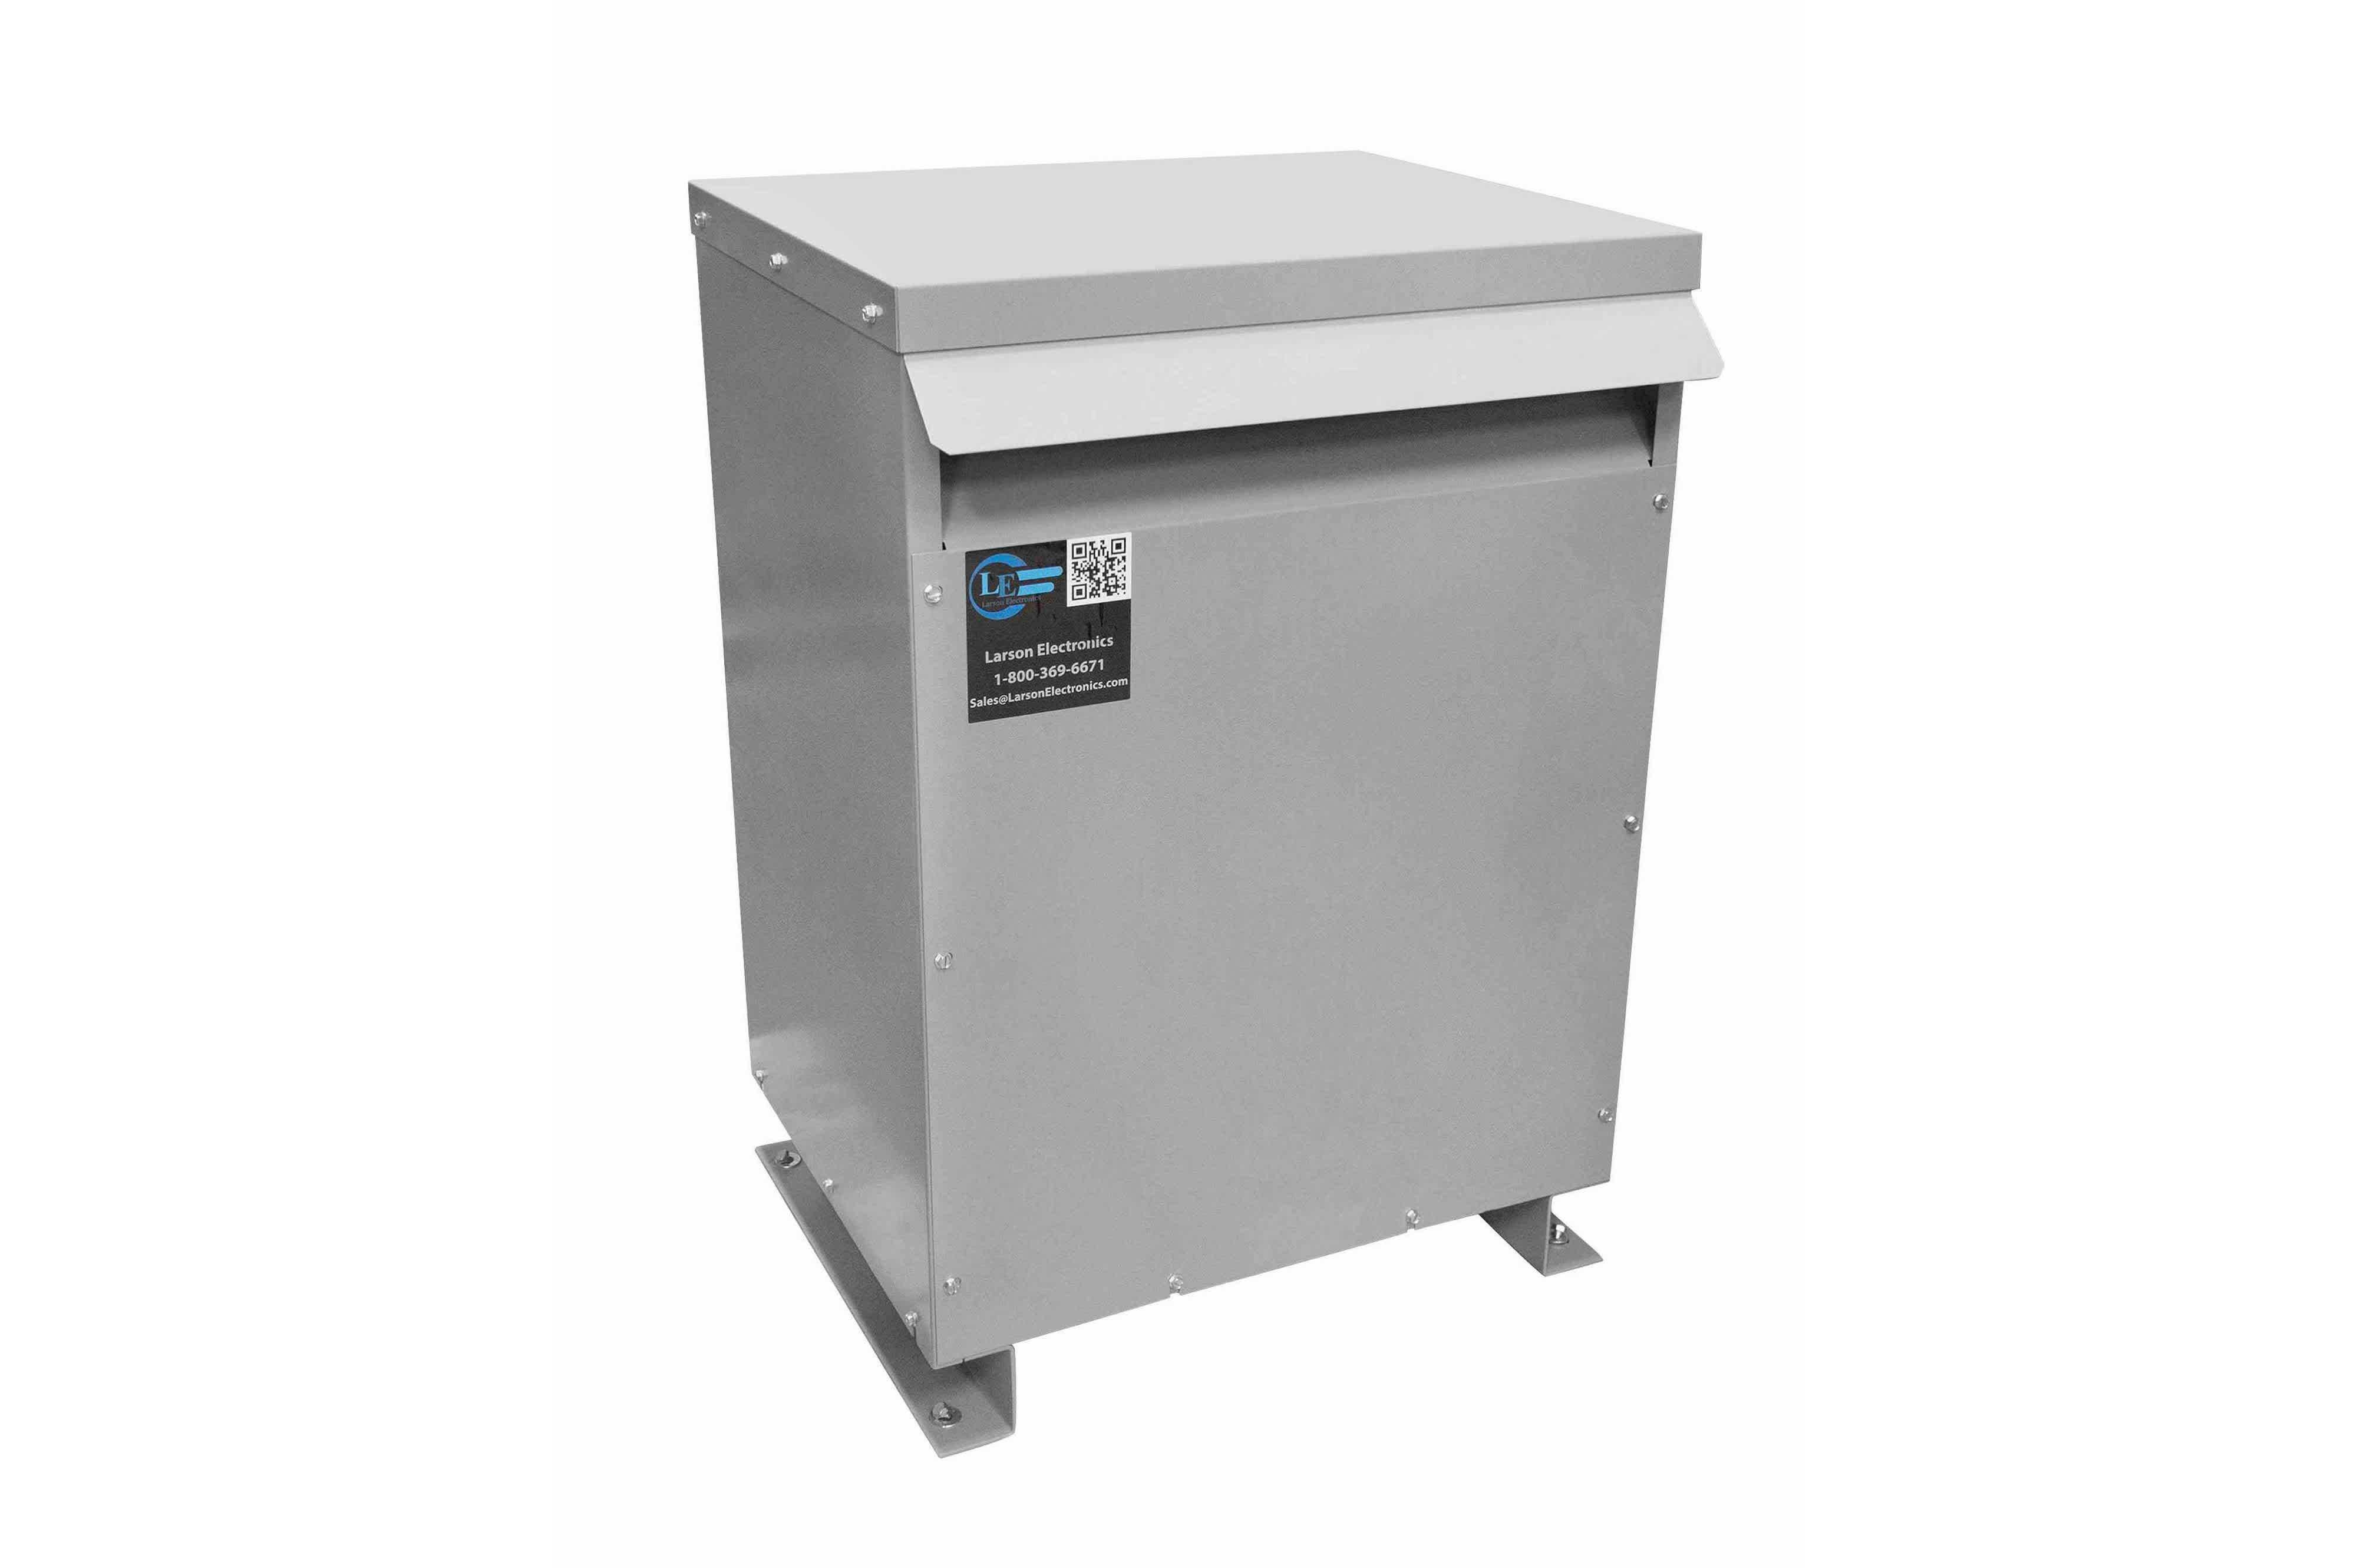 29 kVA 3PH Isolation Transformer, 480V Delta Primary, 575V Delta Secondary, N3R, Ventilated, 60 Hz